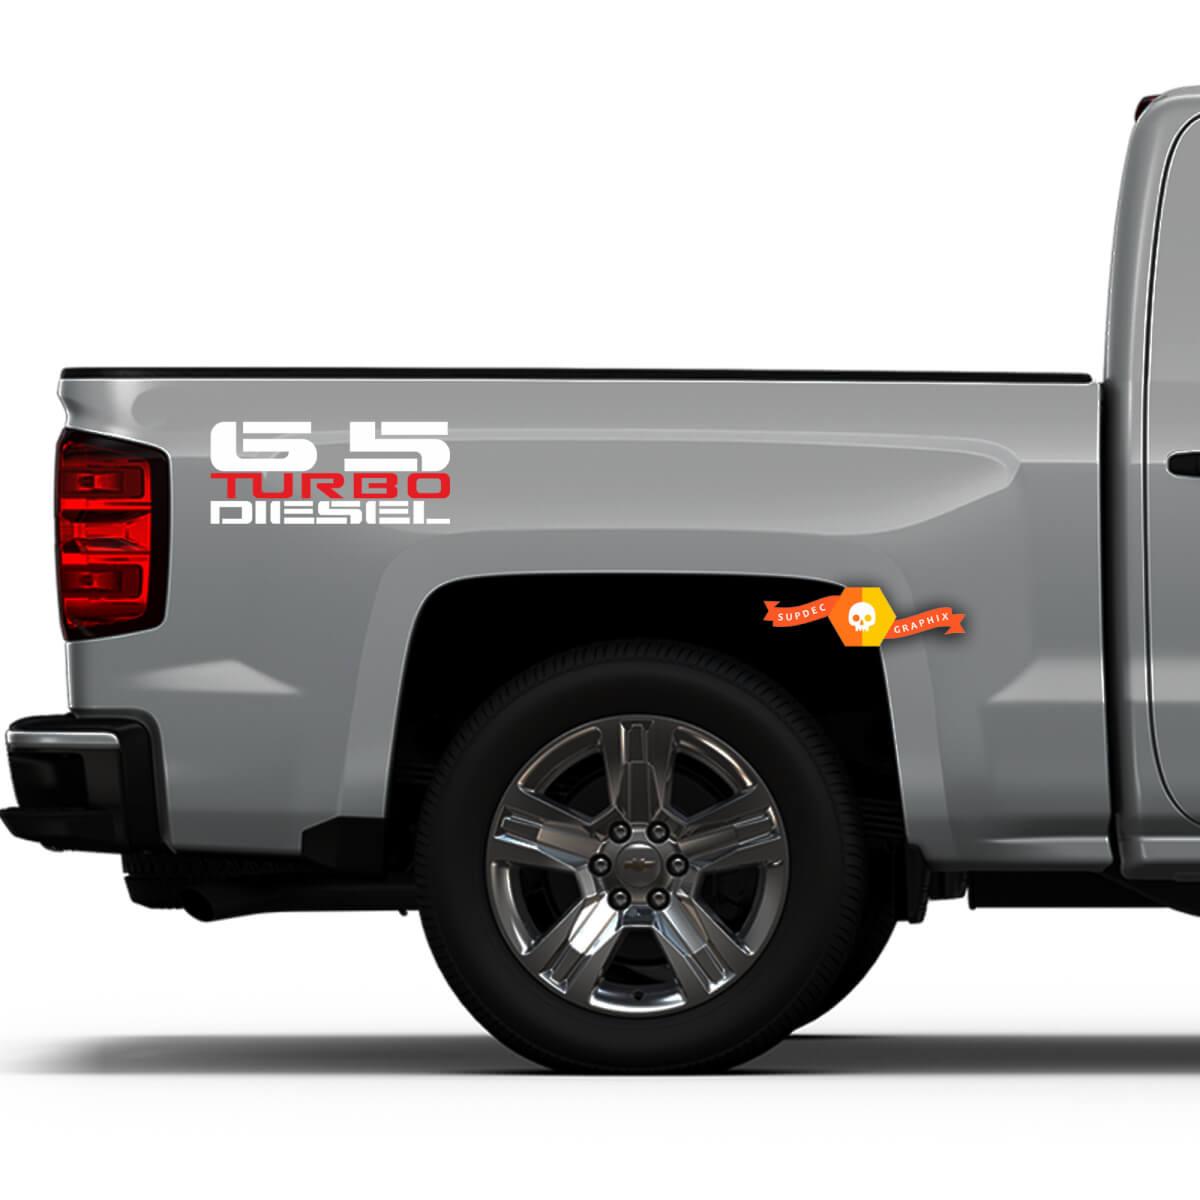 6.5L Turbo Diesel Bedside Decals - Neues Abziehbild Design Passend für: Chevy GMC Trucks Suburban Blazer Yukon Hummer H1